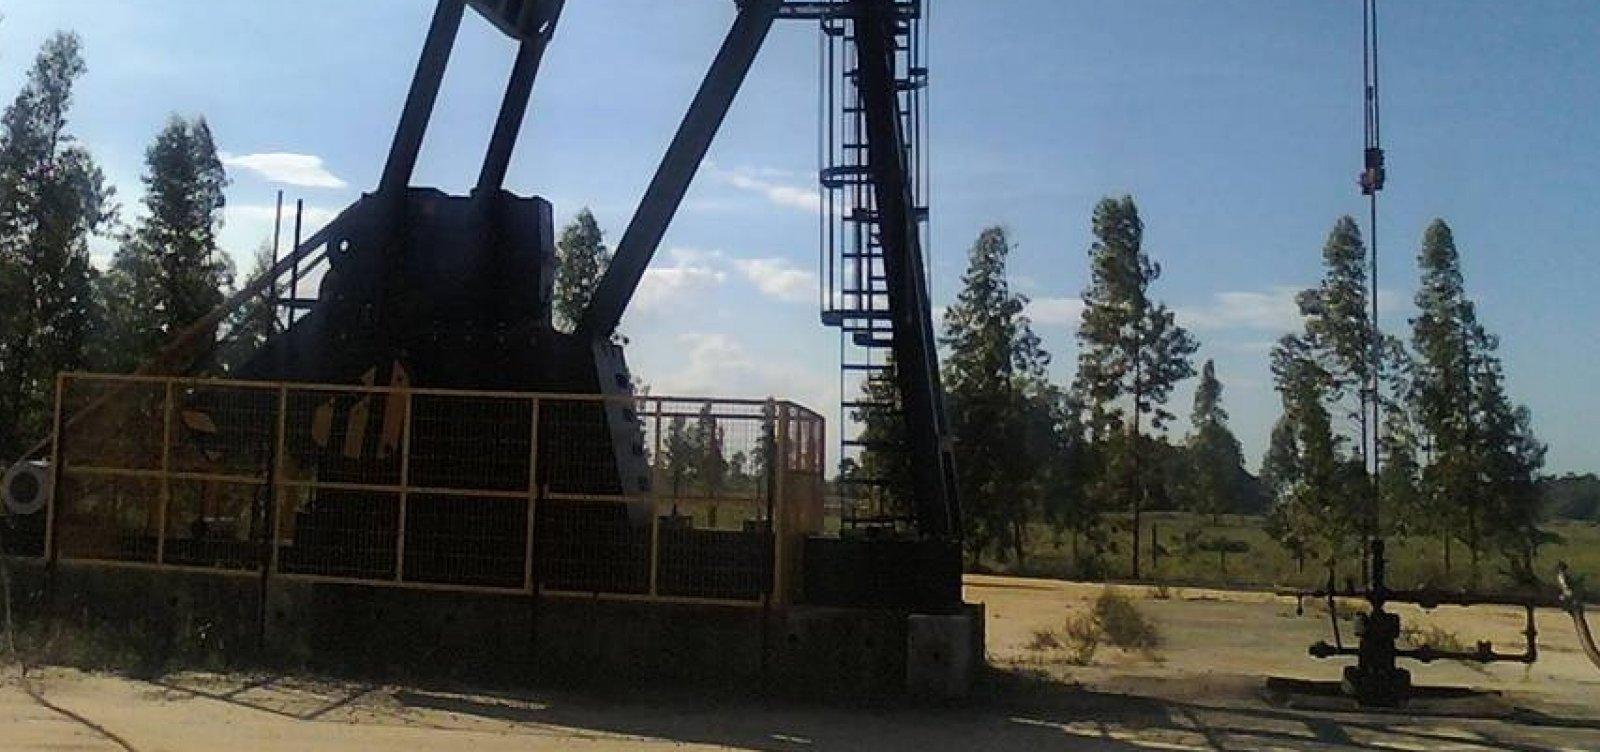 [Pequenas empresas que exploram petróleo pedem suspensão do pagamento de royalties]